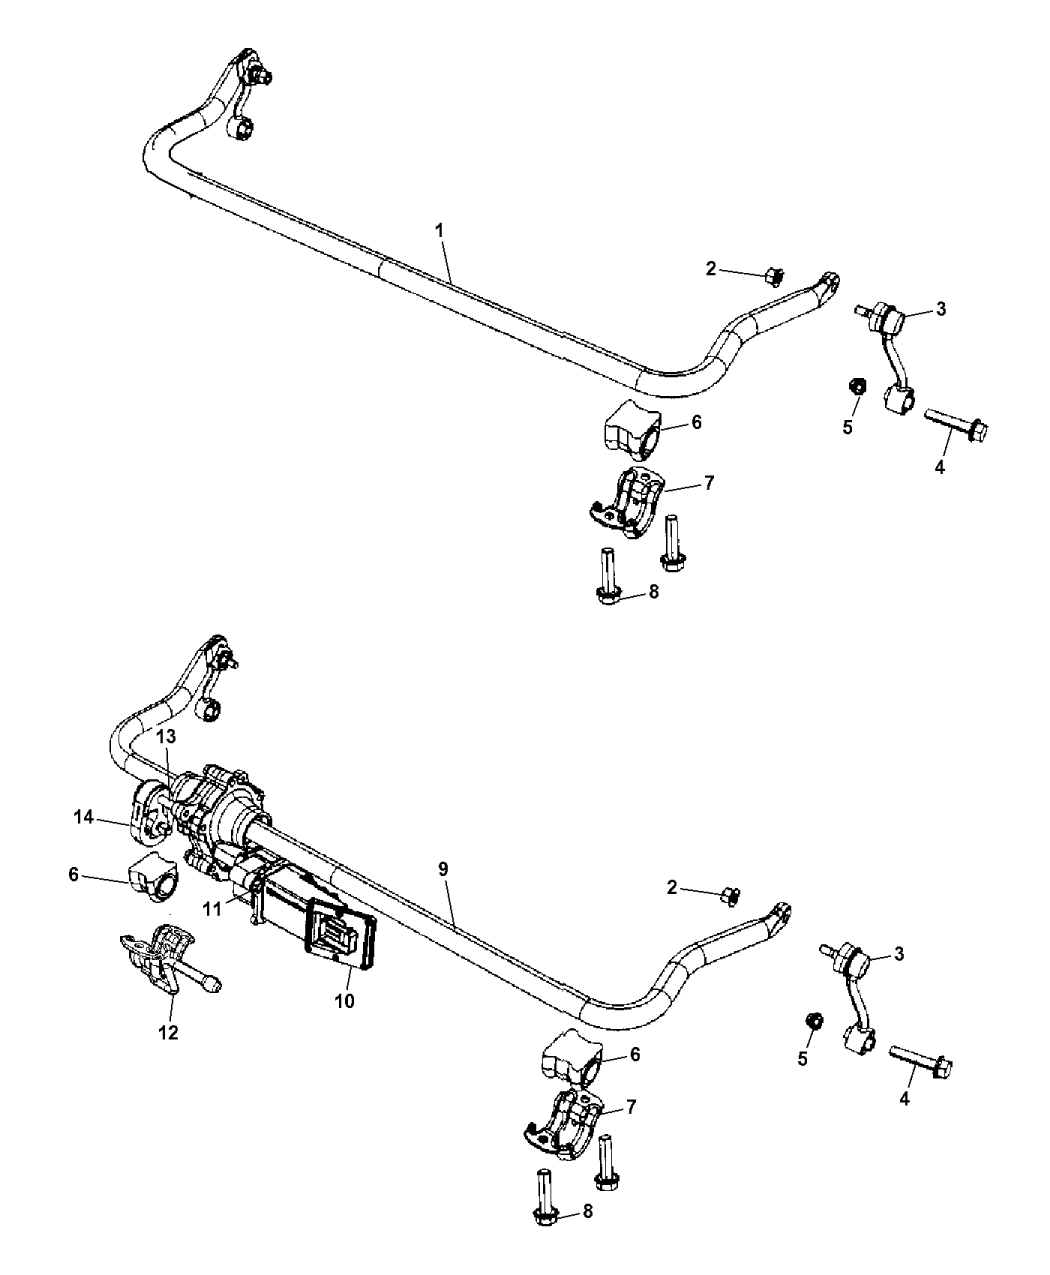 sway bar diagram saab 68044411ac - genuine mopar actuator-stabilizer bar